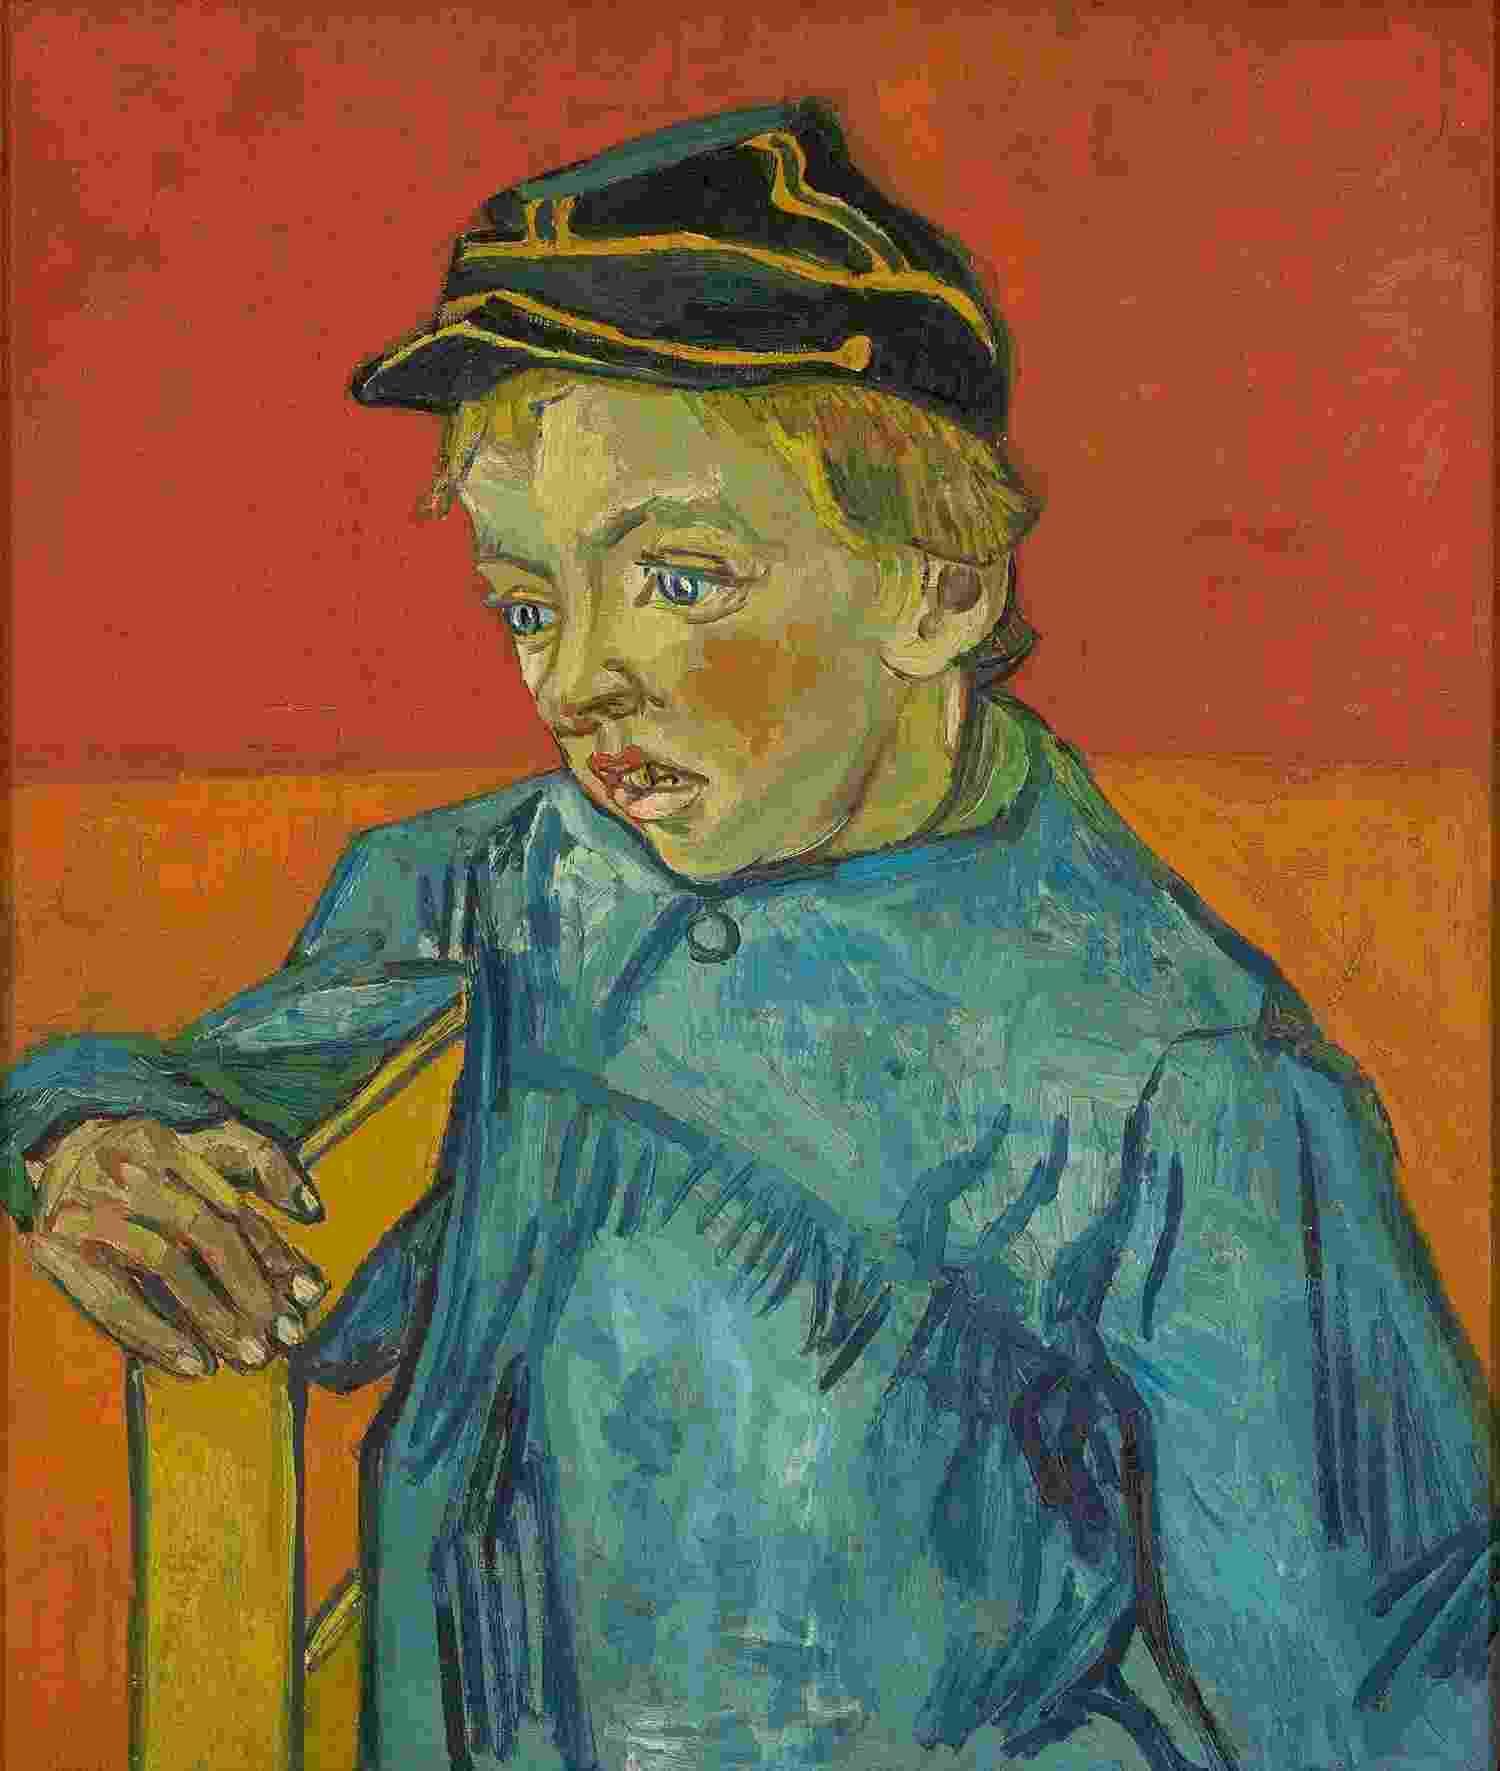 Vincent Van Gogh, O Escolar (o filho do carteiro - Gamin au Képi), 1888, óleo sobre tela, 63 x 54 cm - Acervo do Masp